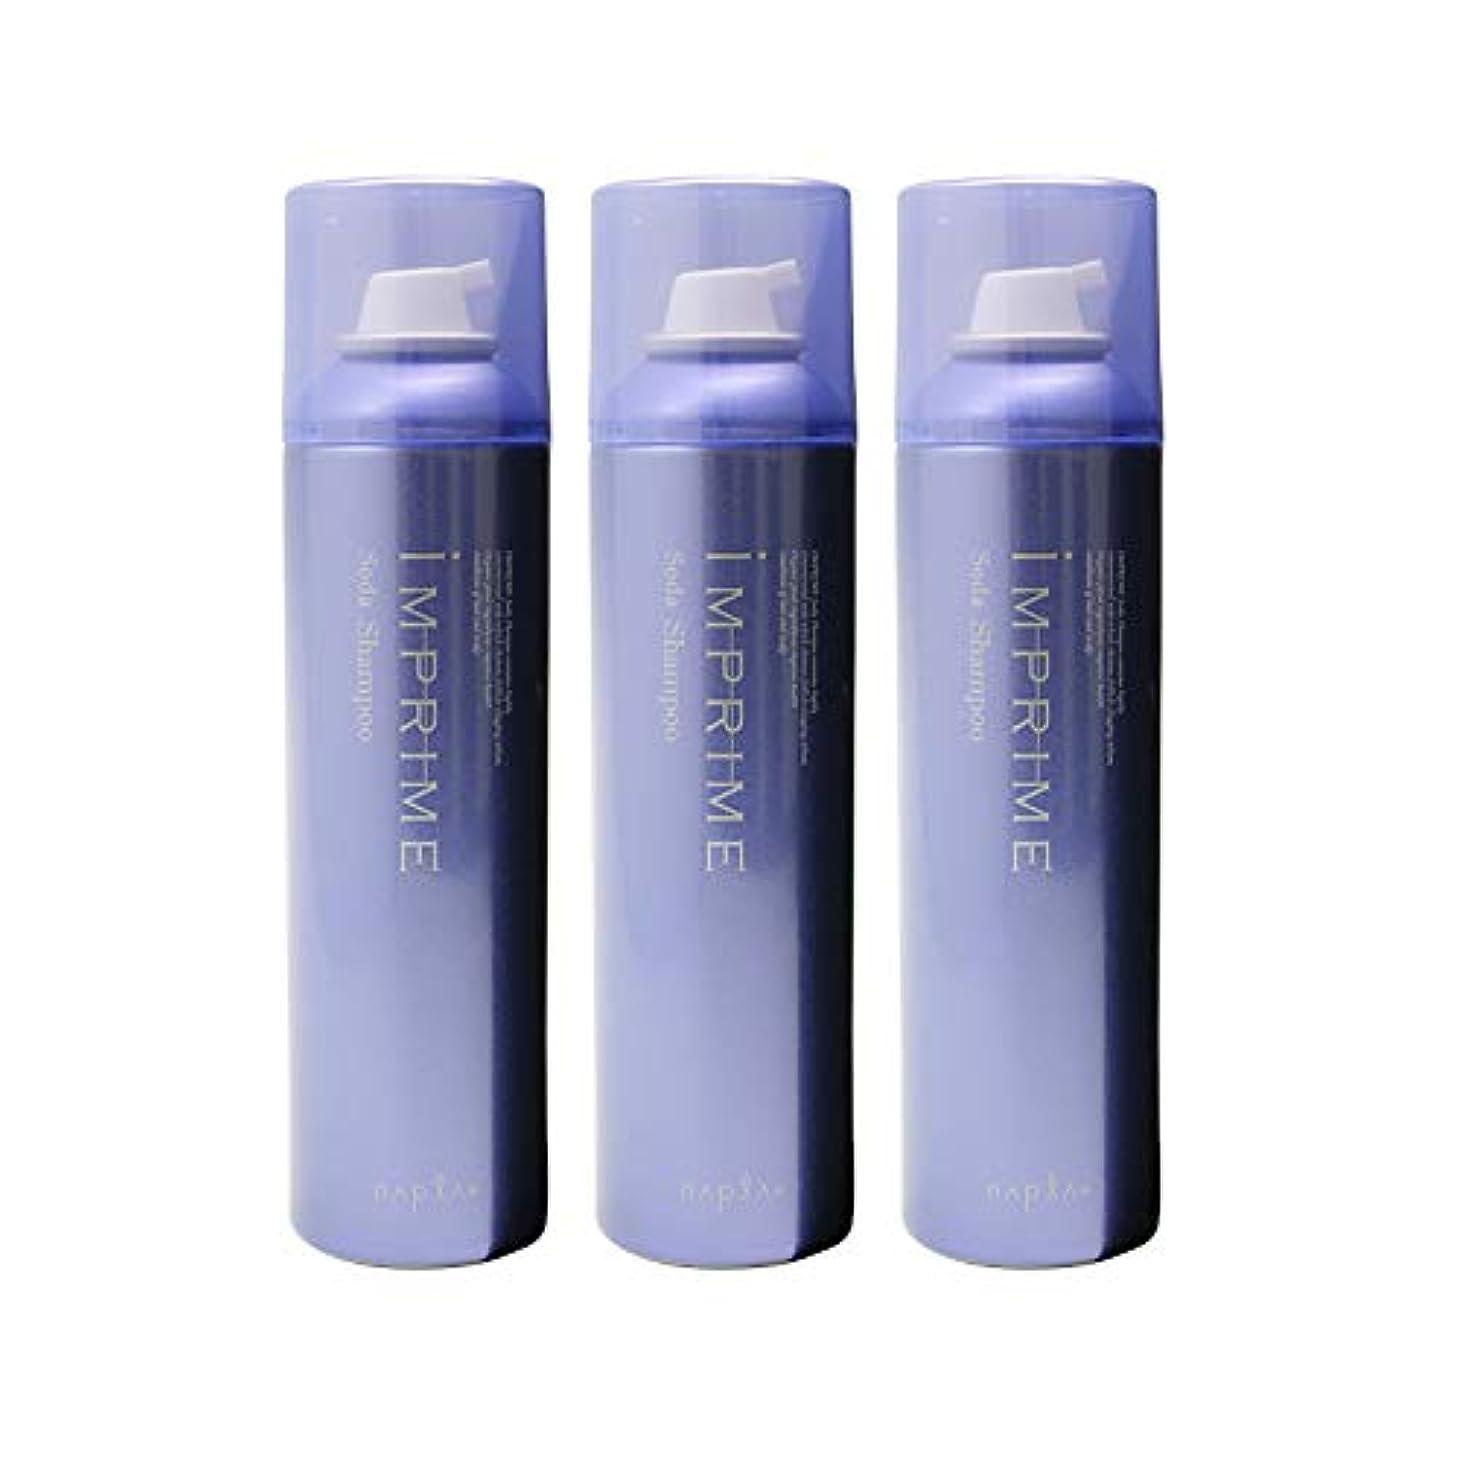 乳剤永久著作権ナプラ インプライム ソーダシャンプー 200g × 3個セット